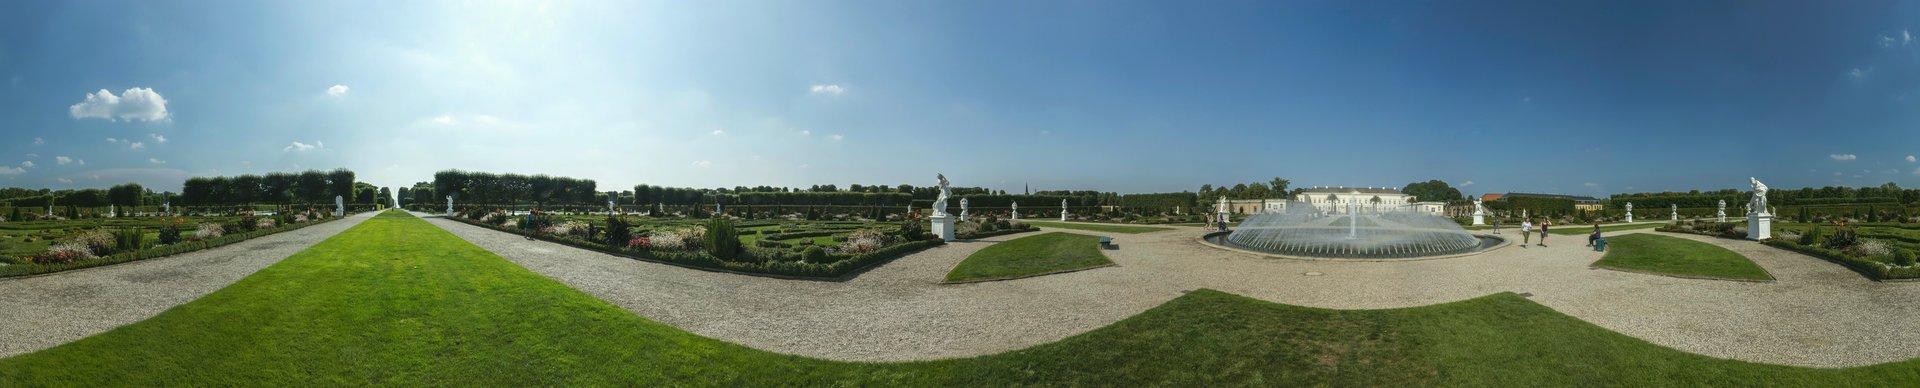 360° Panorama des Parterres zwischen Großer Fontaine und Glockenfontaine im Großen Garten